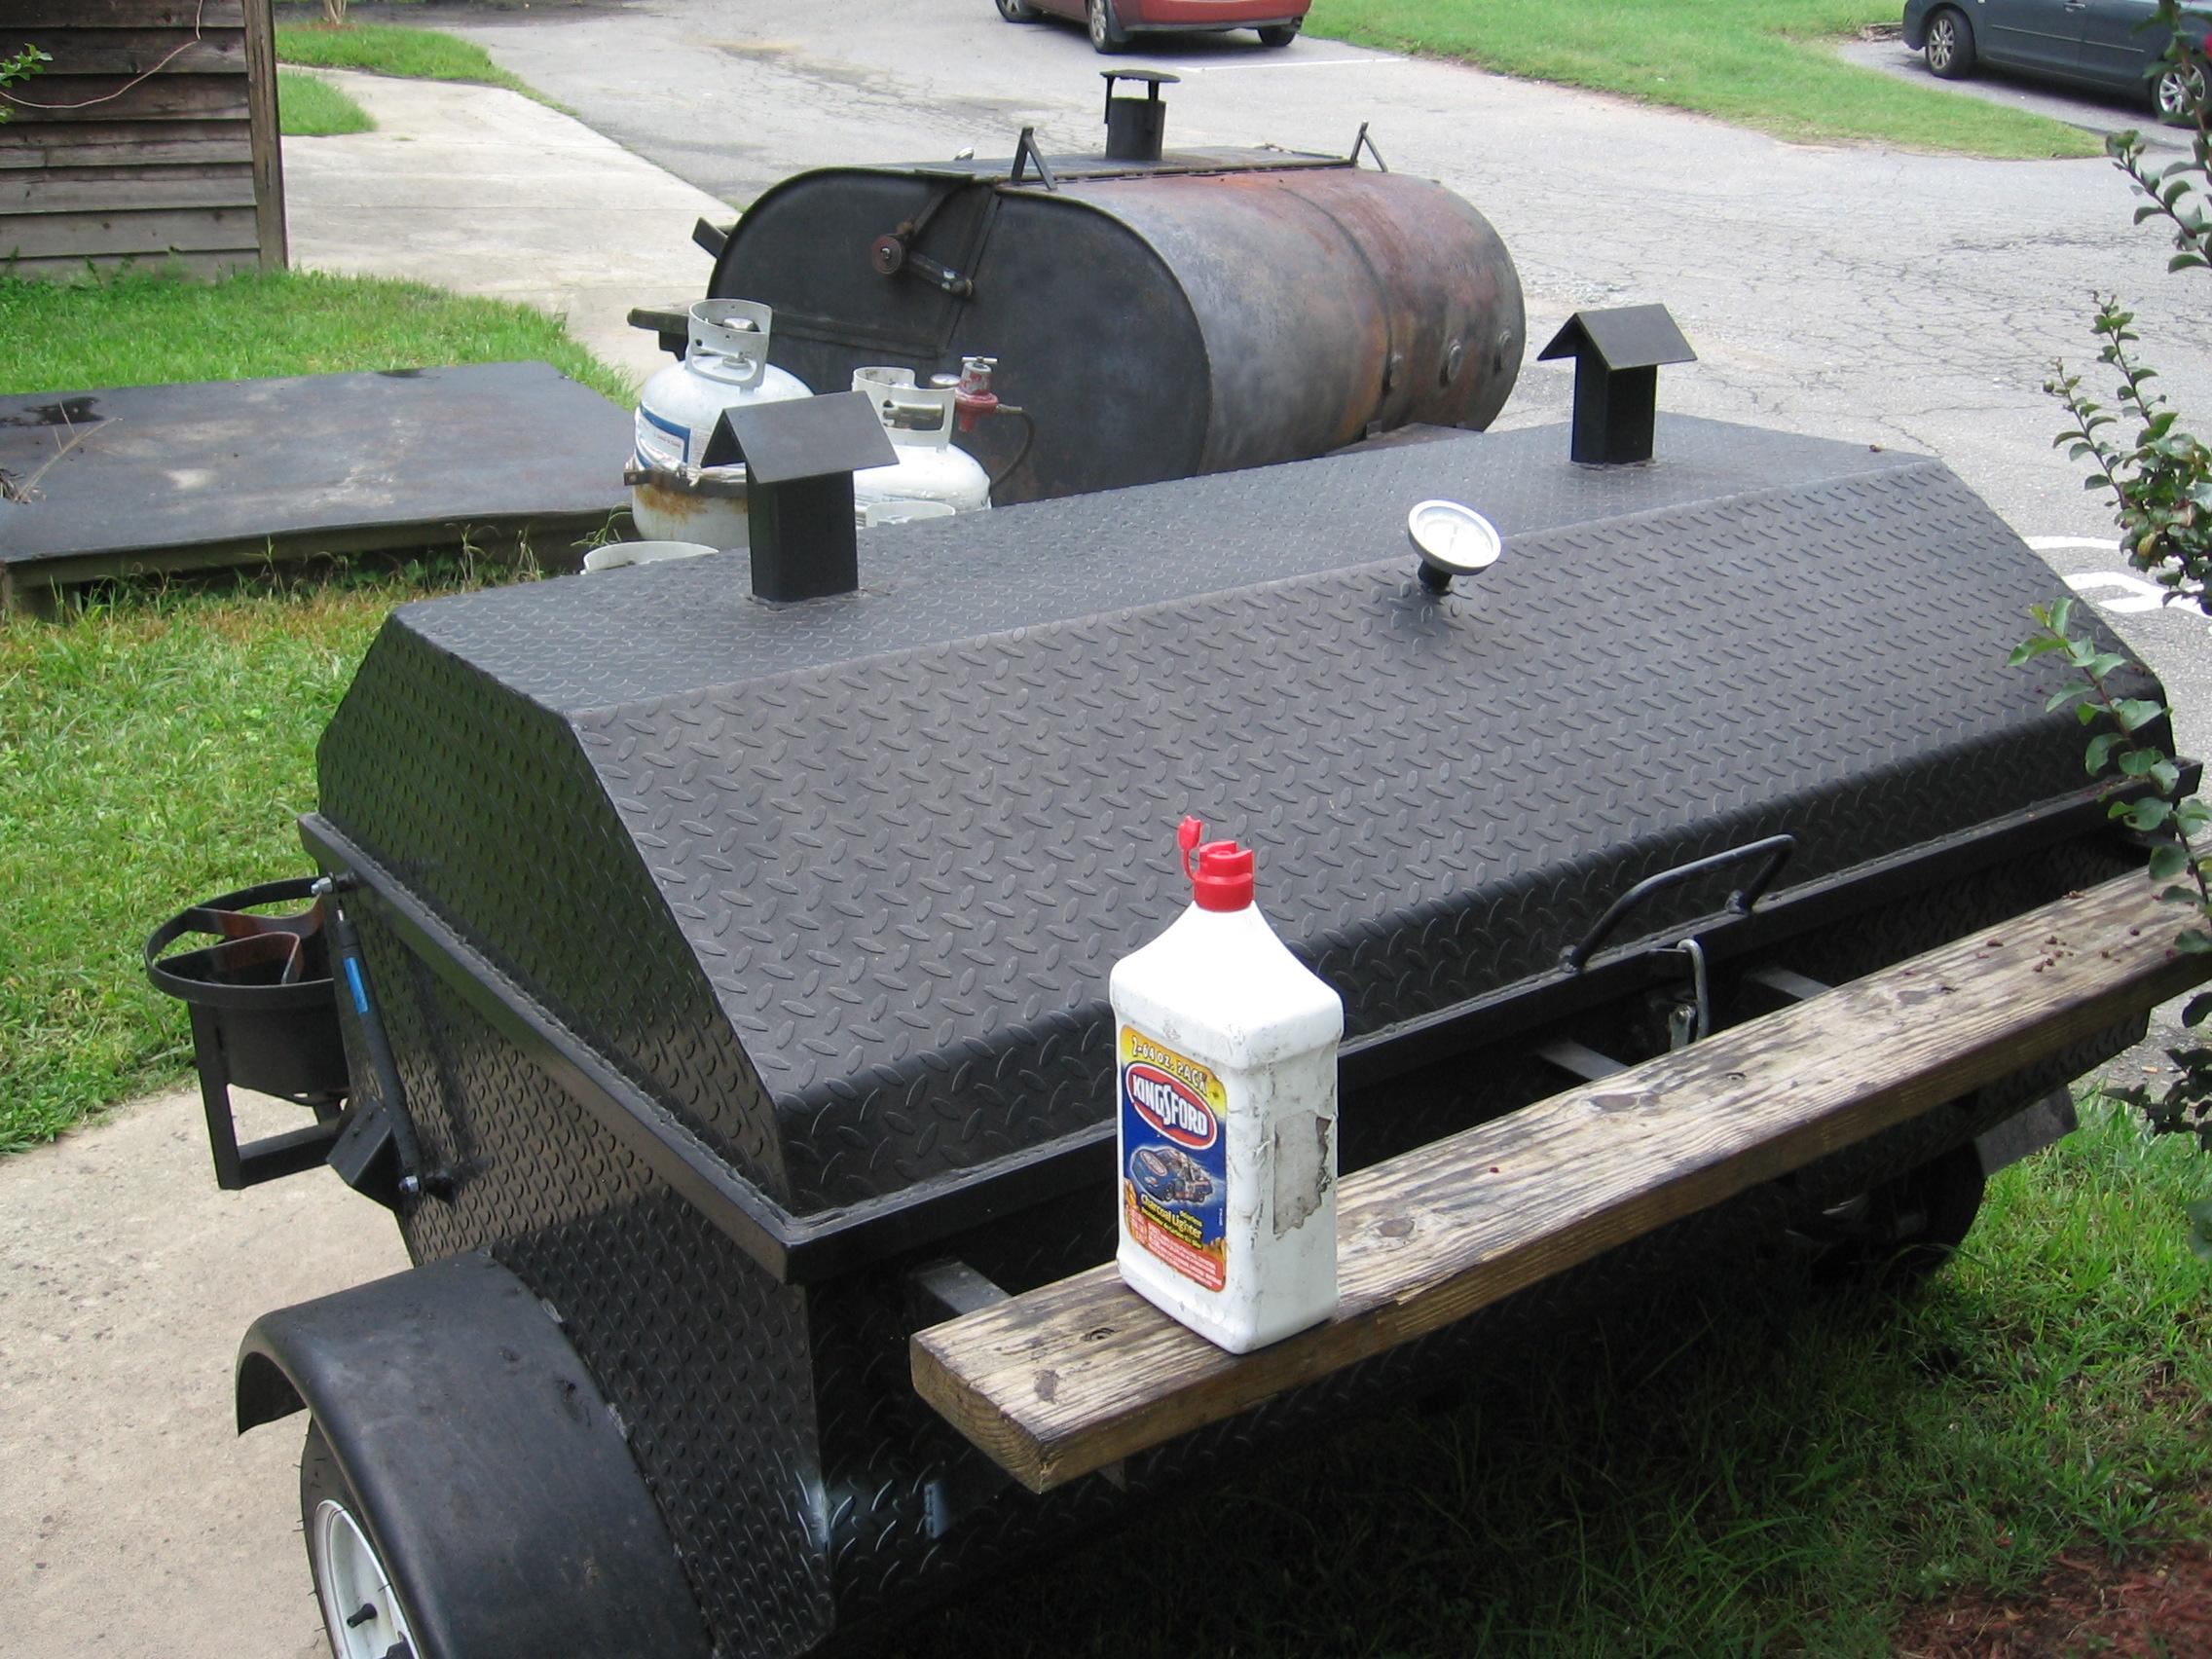 BBQ Jewu0027s View: Backyard BBQ Pit #1 U0026 #2 | BBQ Jew